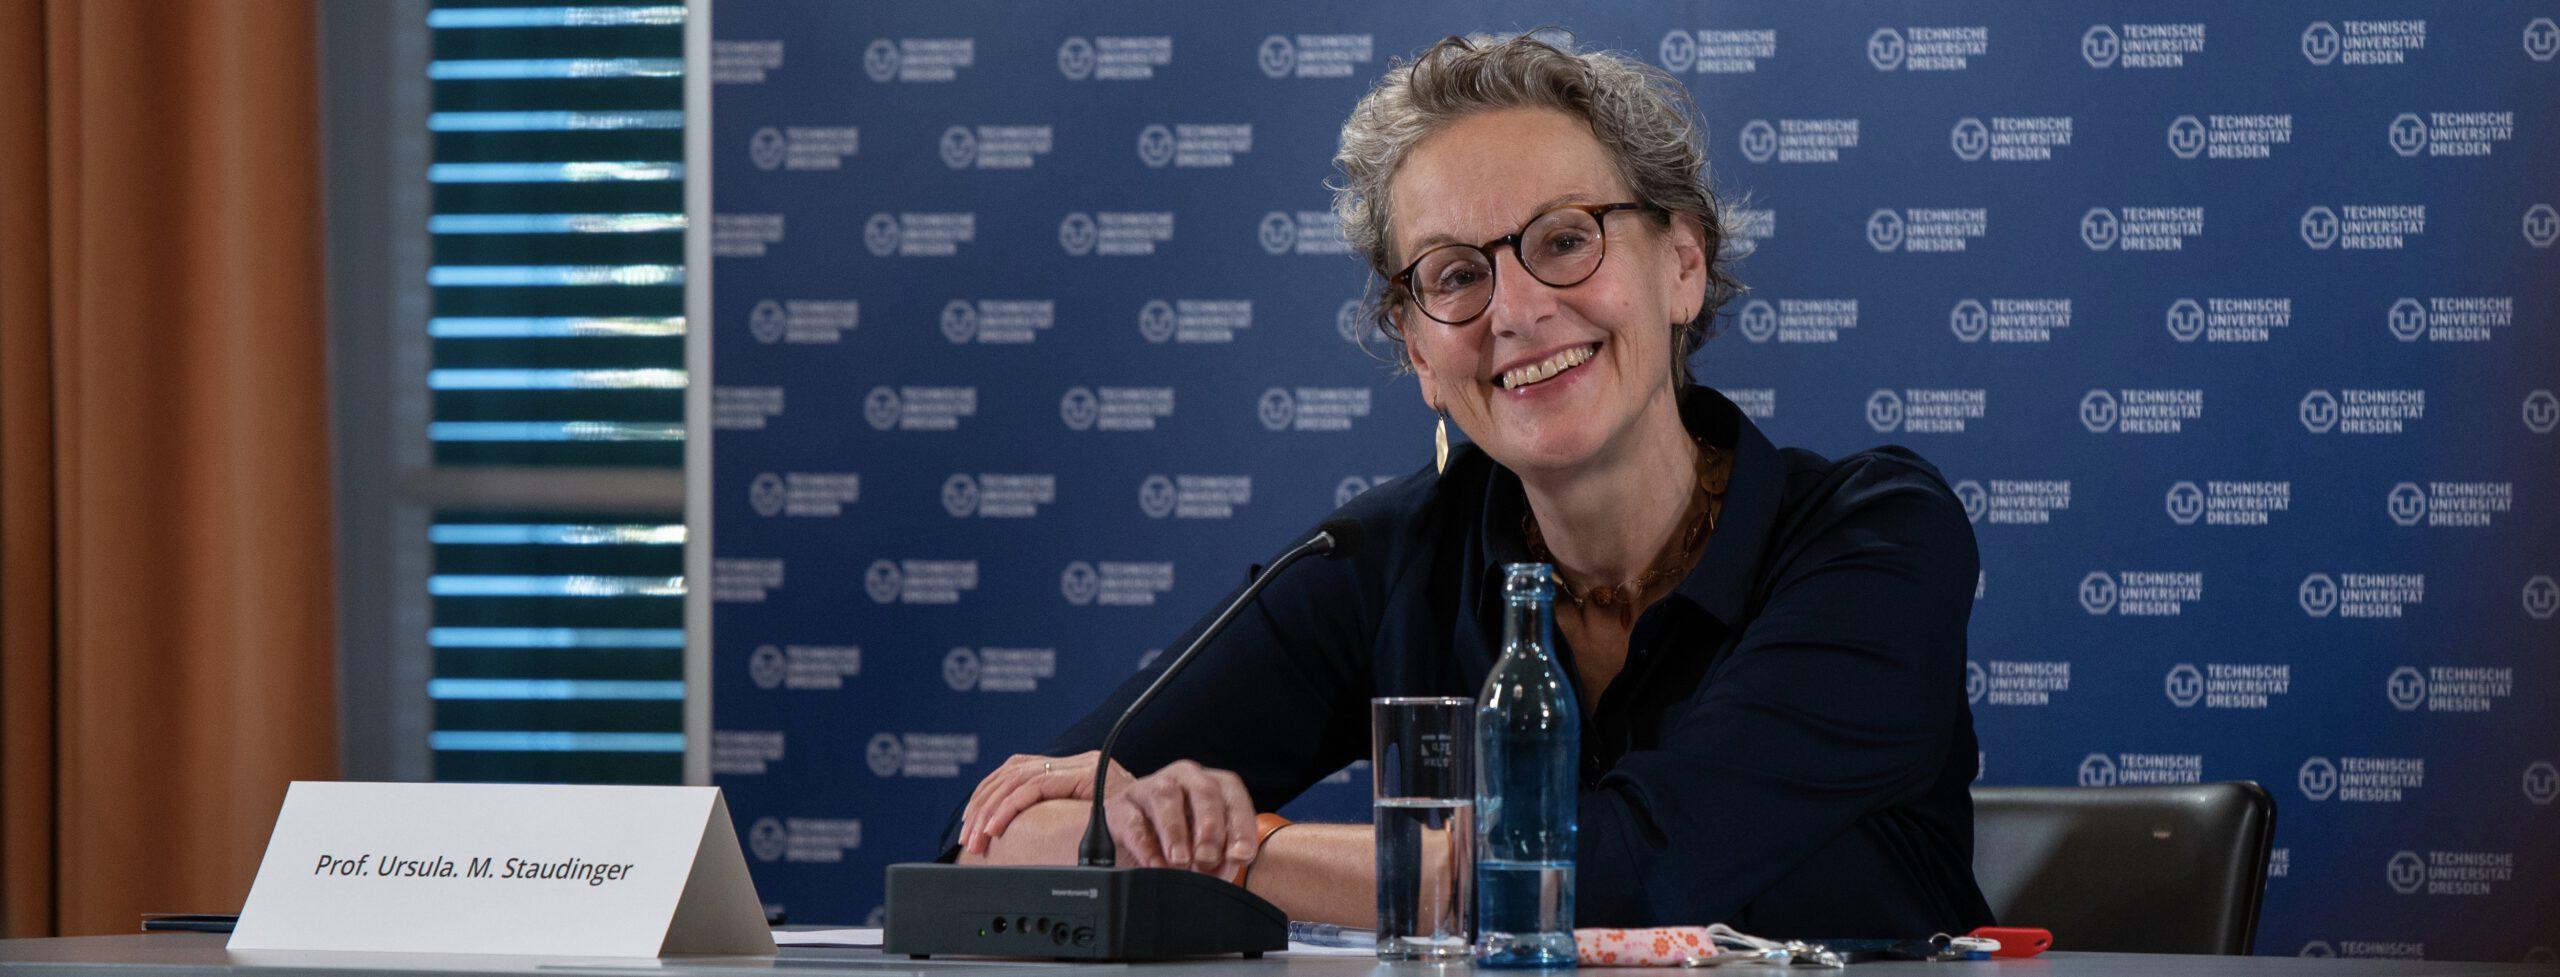 Ursula Staudinger tritt Amt als Rektorin der TU Dresden an